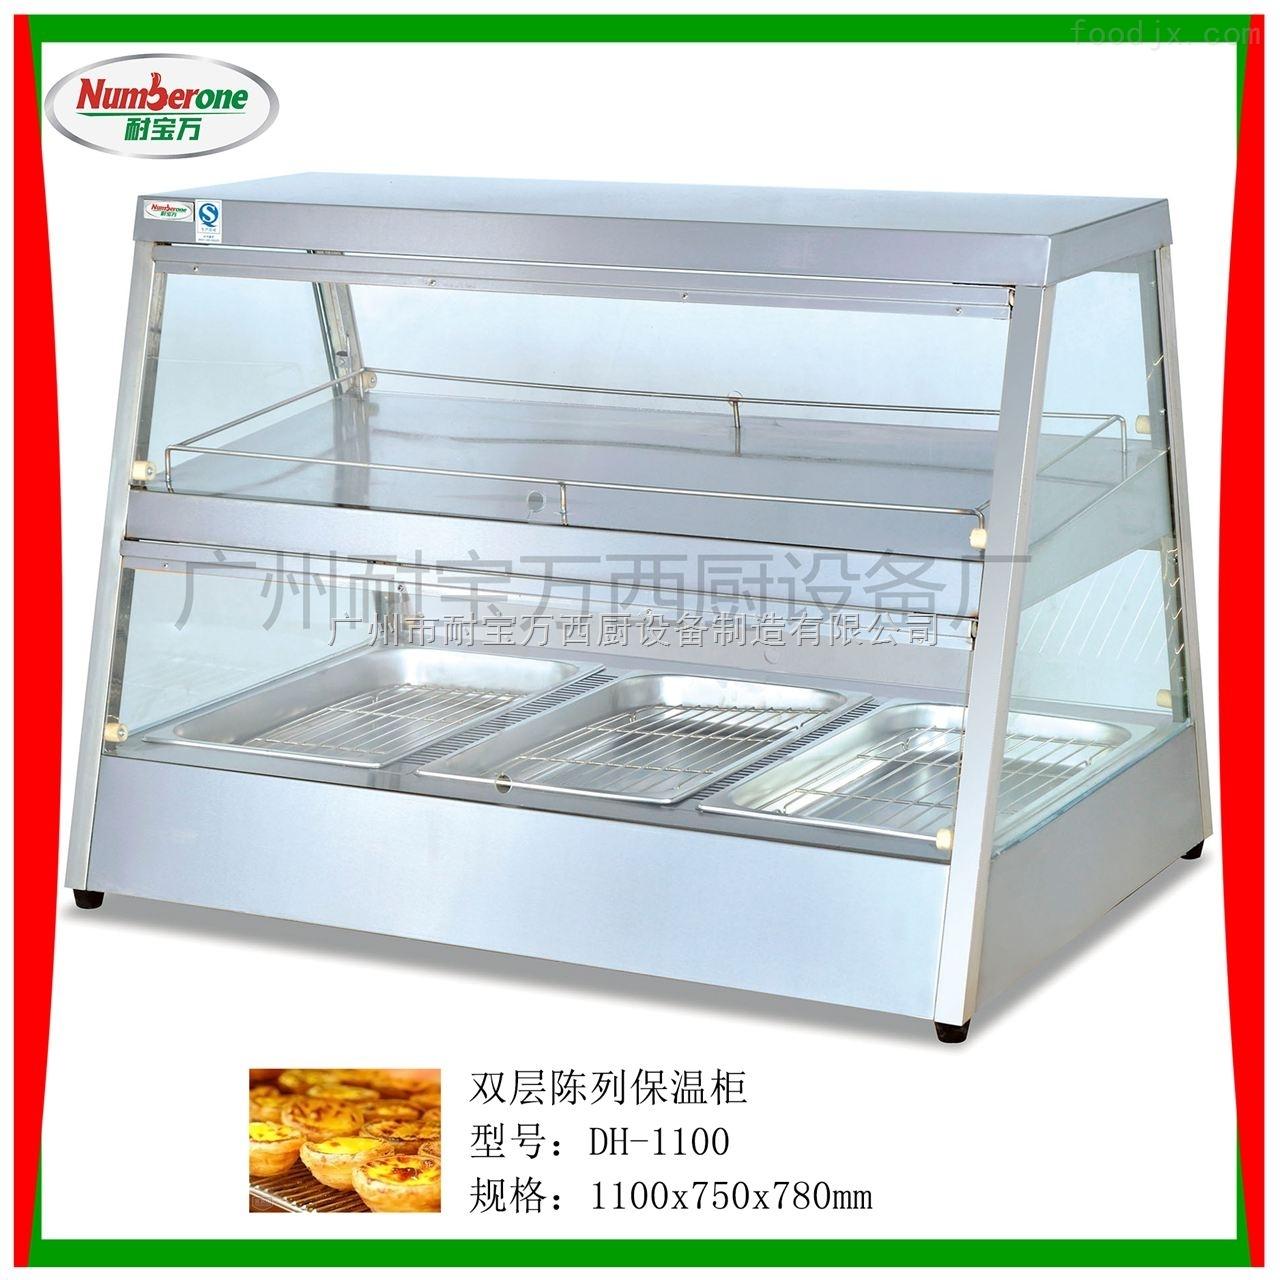 双层陈列保温柜/快餐设备/美式快餐设备/炸鸡陈列柜